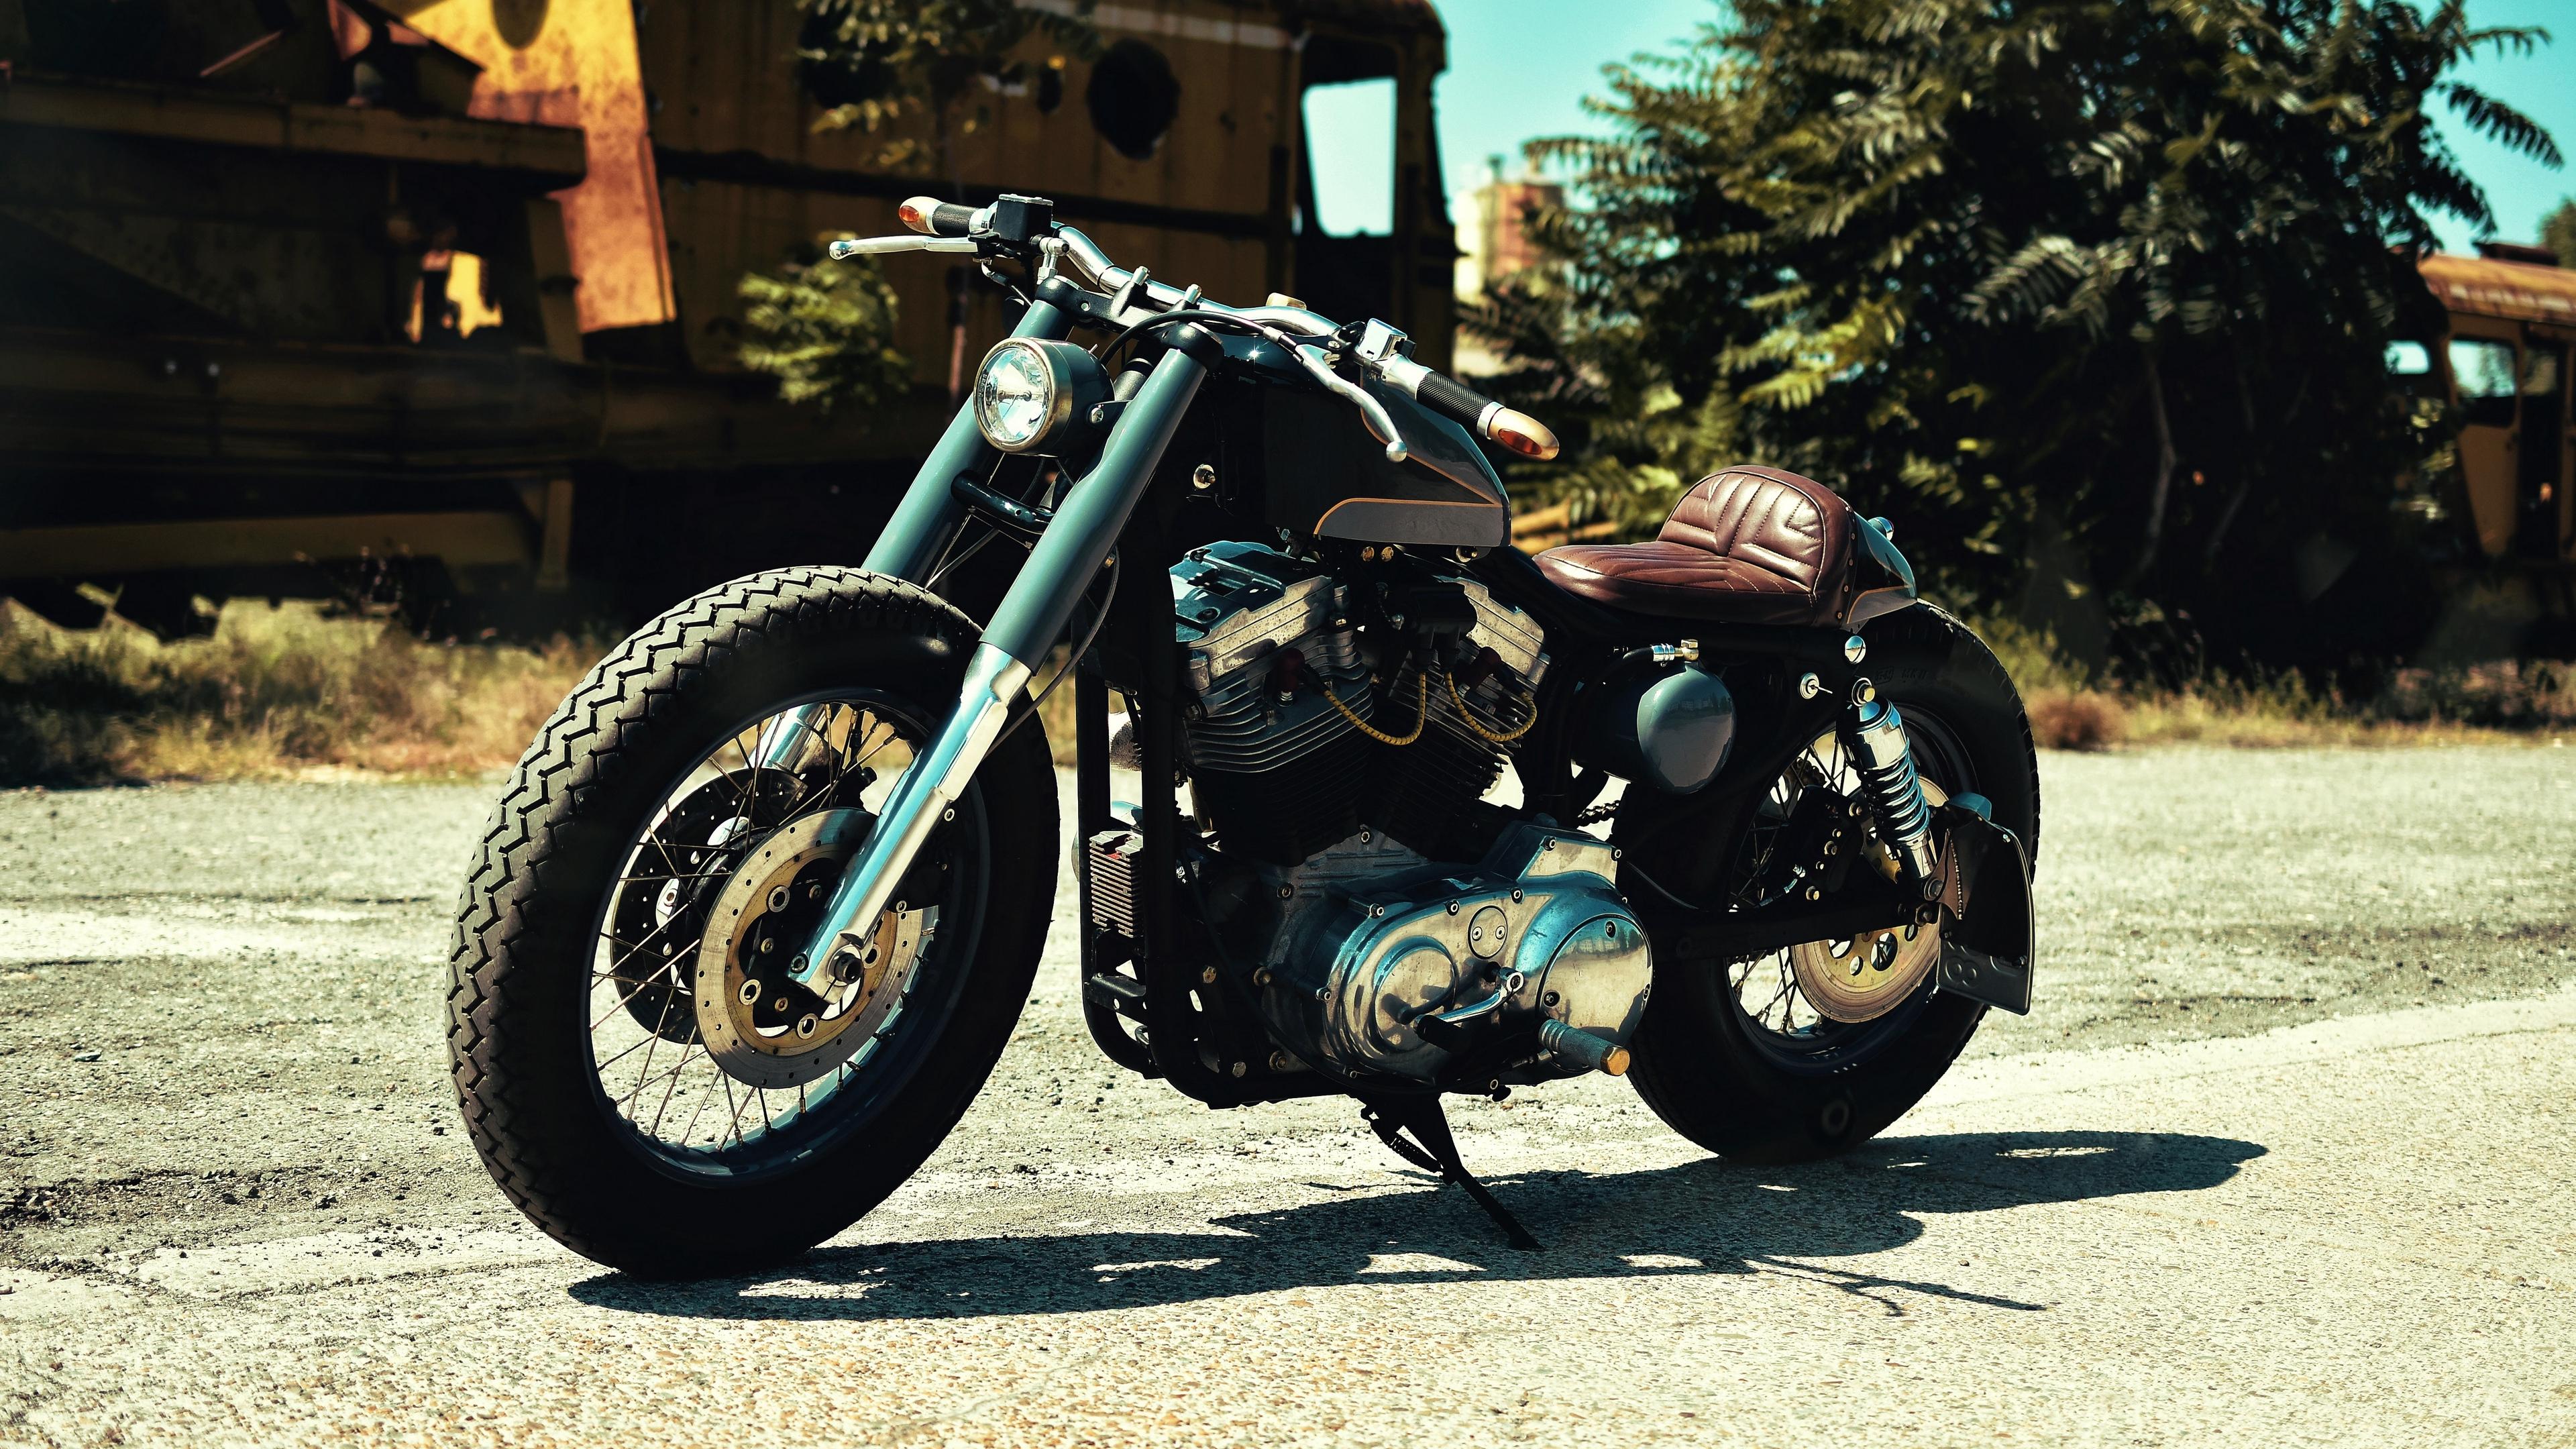 motorcycle side view shadow wheel 4k 1538943800 - motorcycle, side view, shadow, wheel 4k - side view, Shadow, Motorcycle